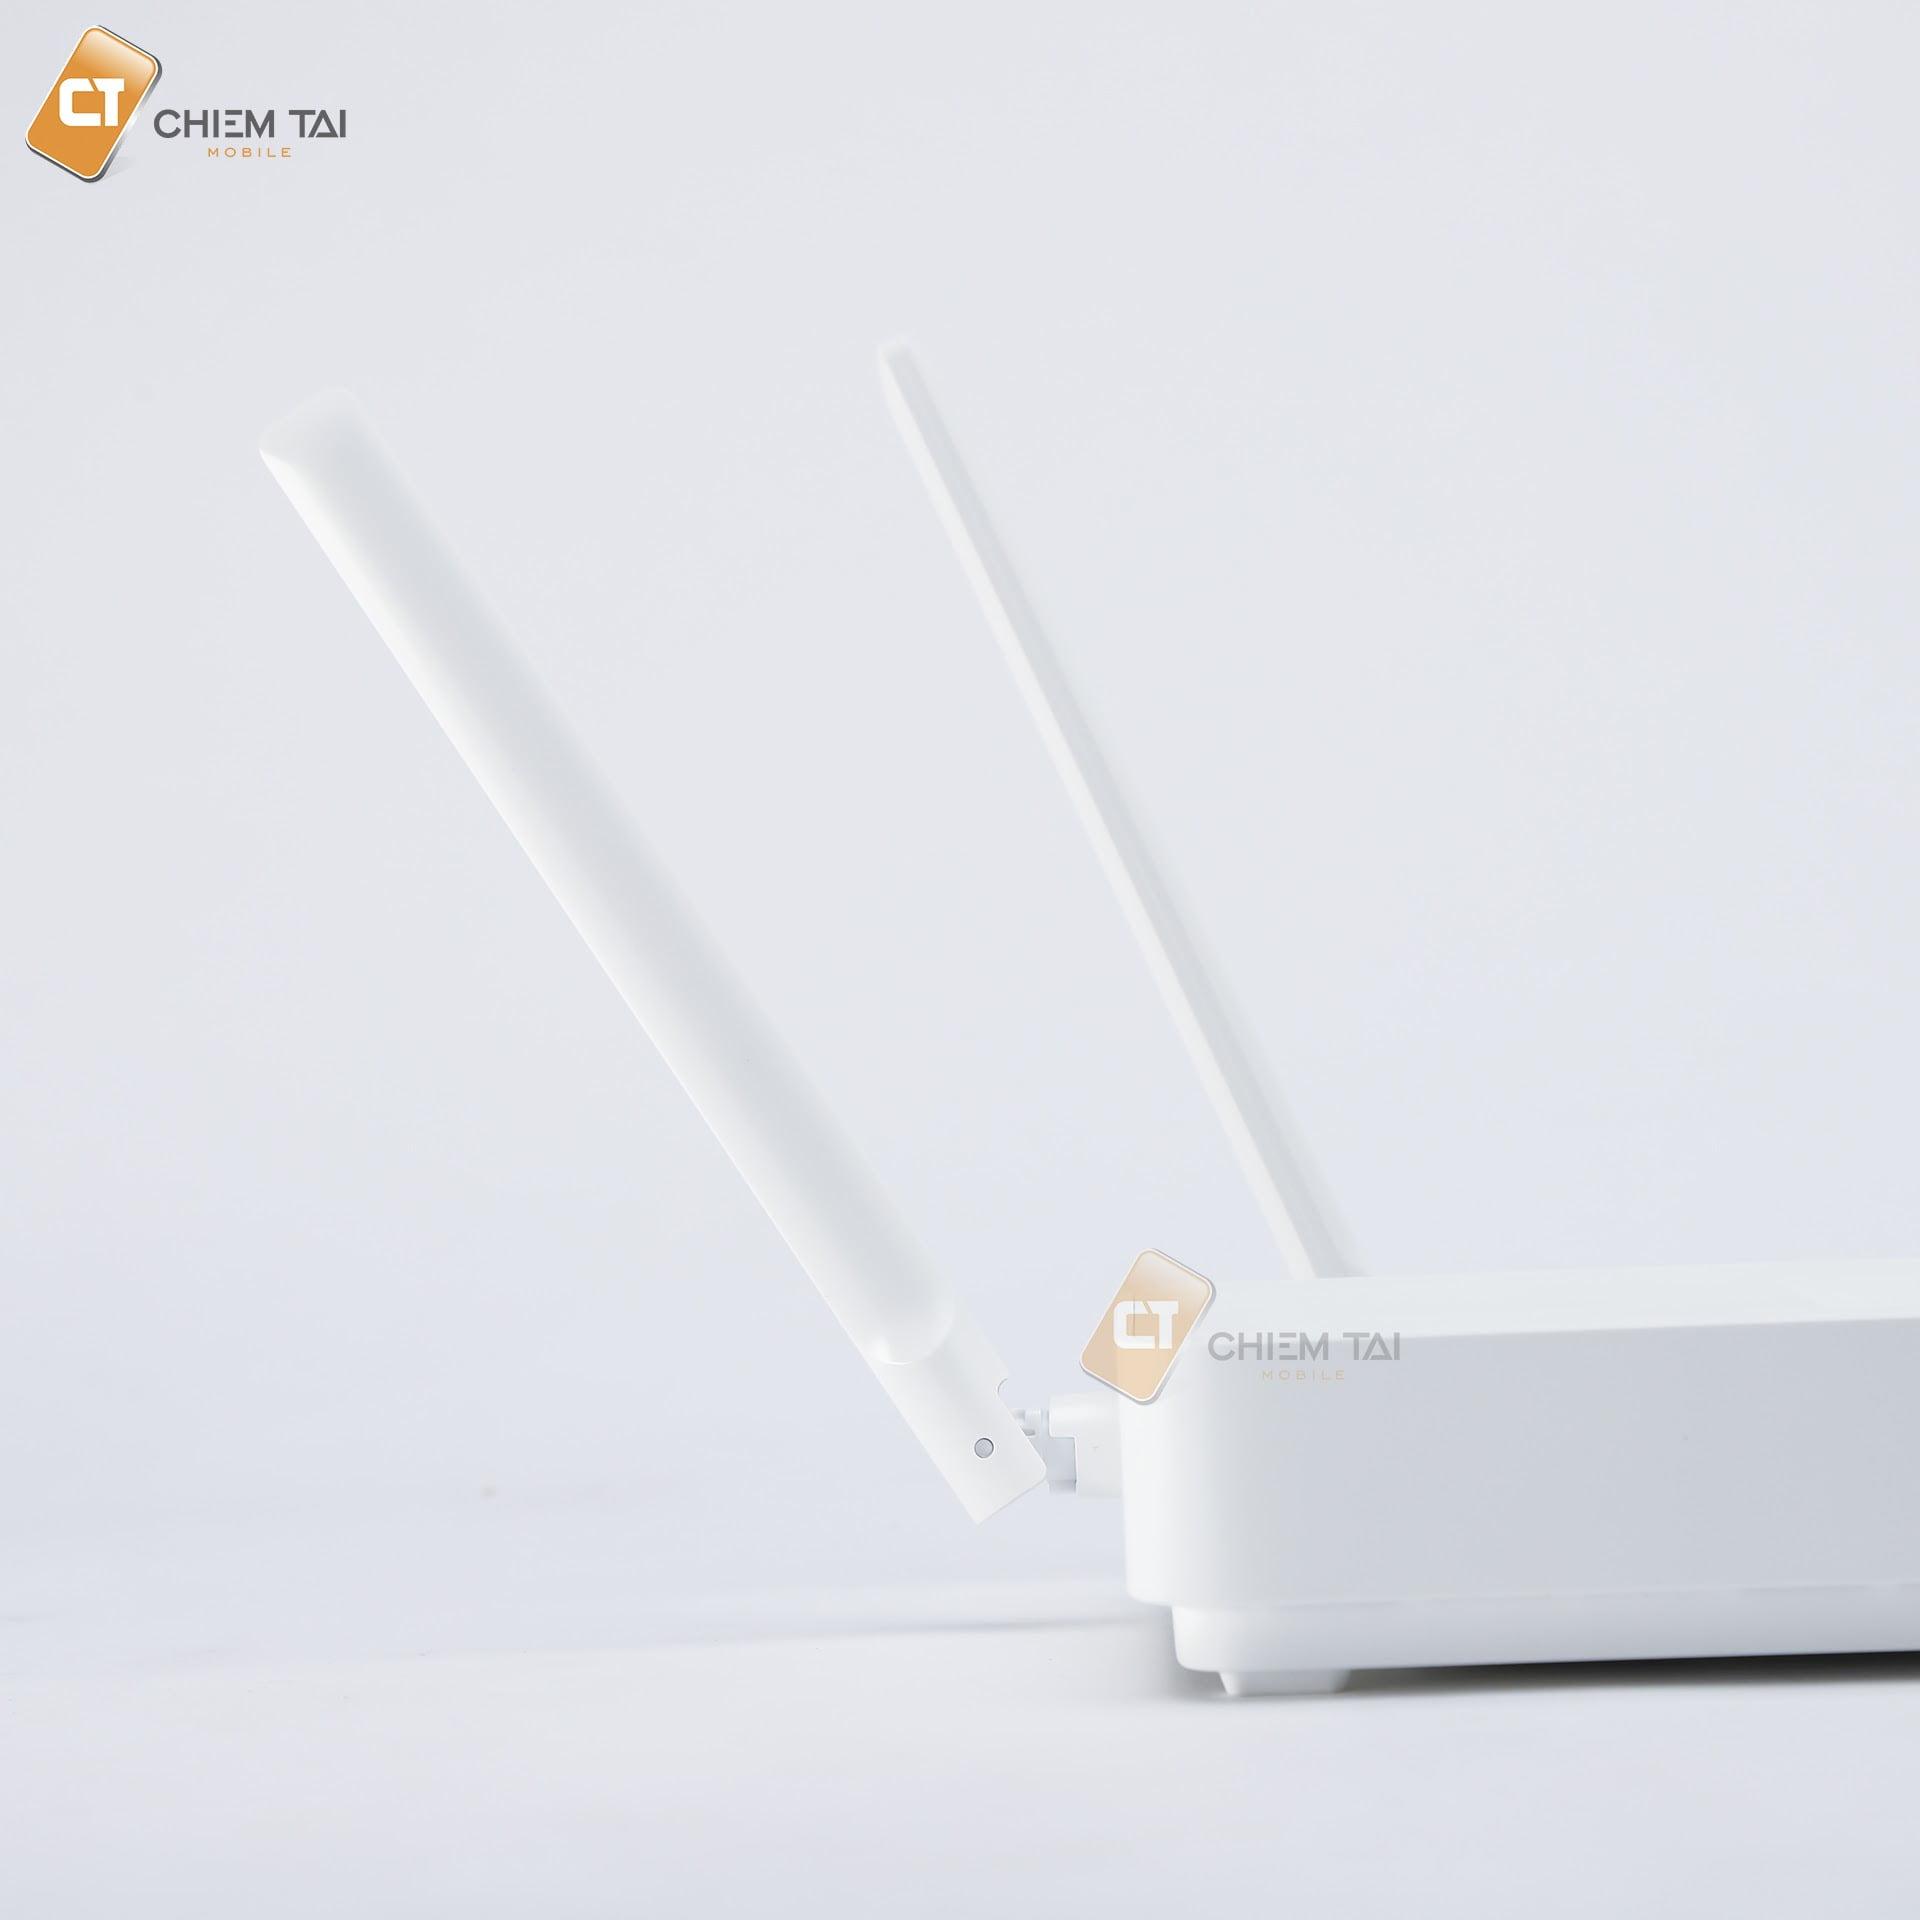 router wifi 6 xiaomi ax1800 ra67 ban quoc te 6007fb875d30e